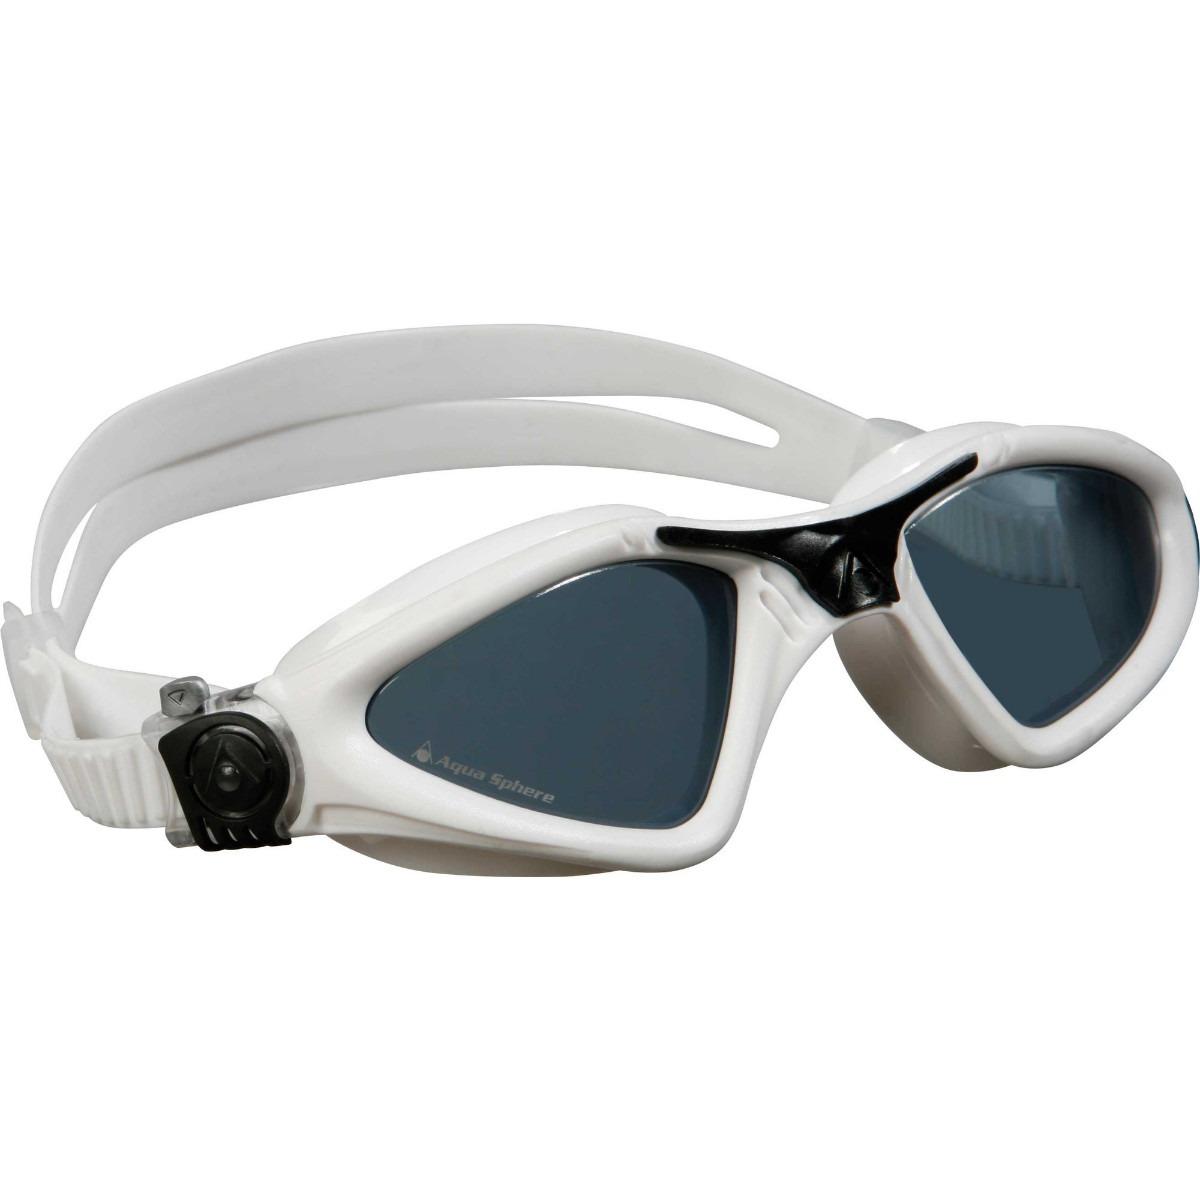 c747ad1925374 Óculos De Natação Aqua Sphere Kayenne - R  160,00 em Mercado Livre